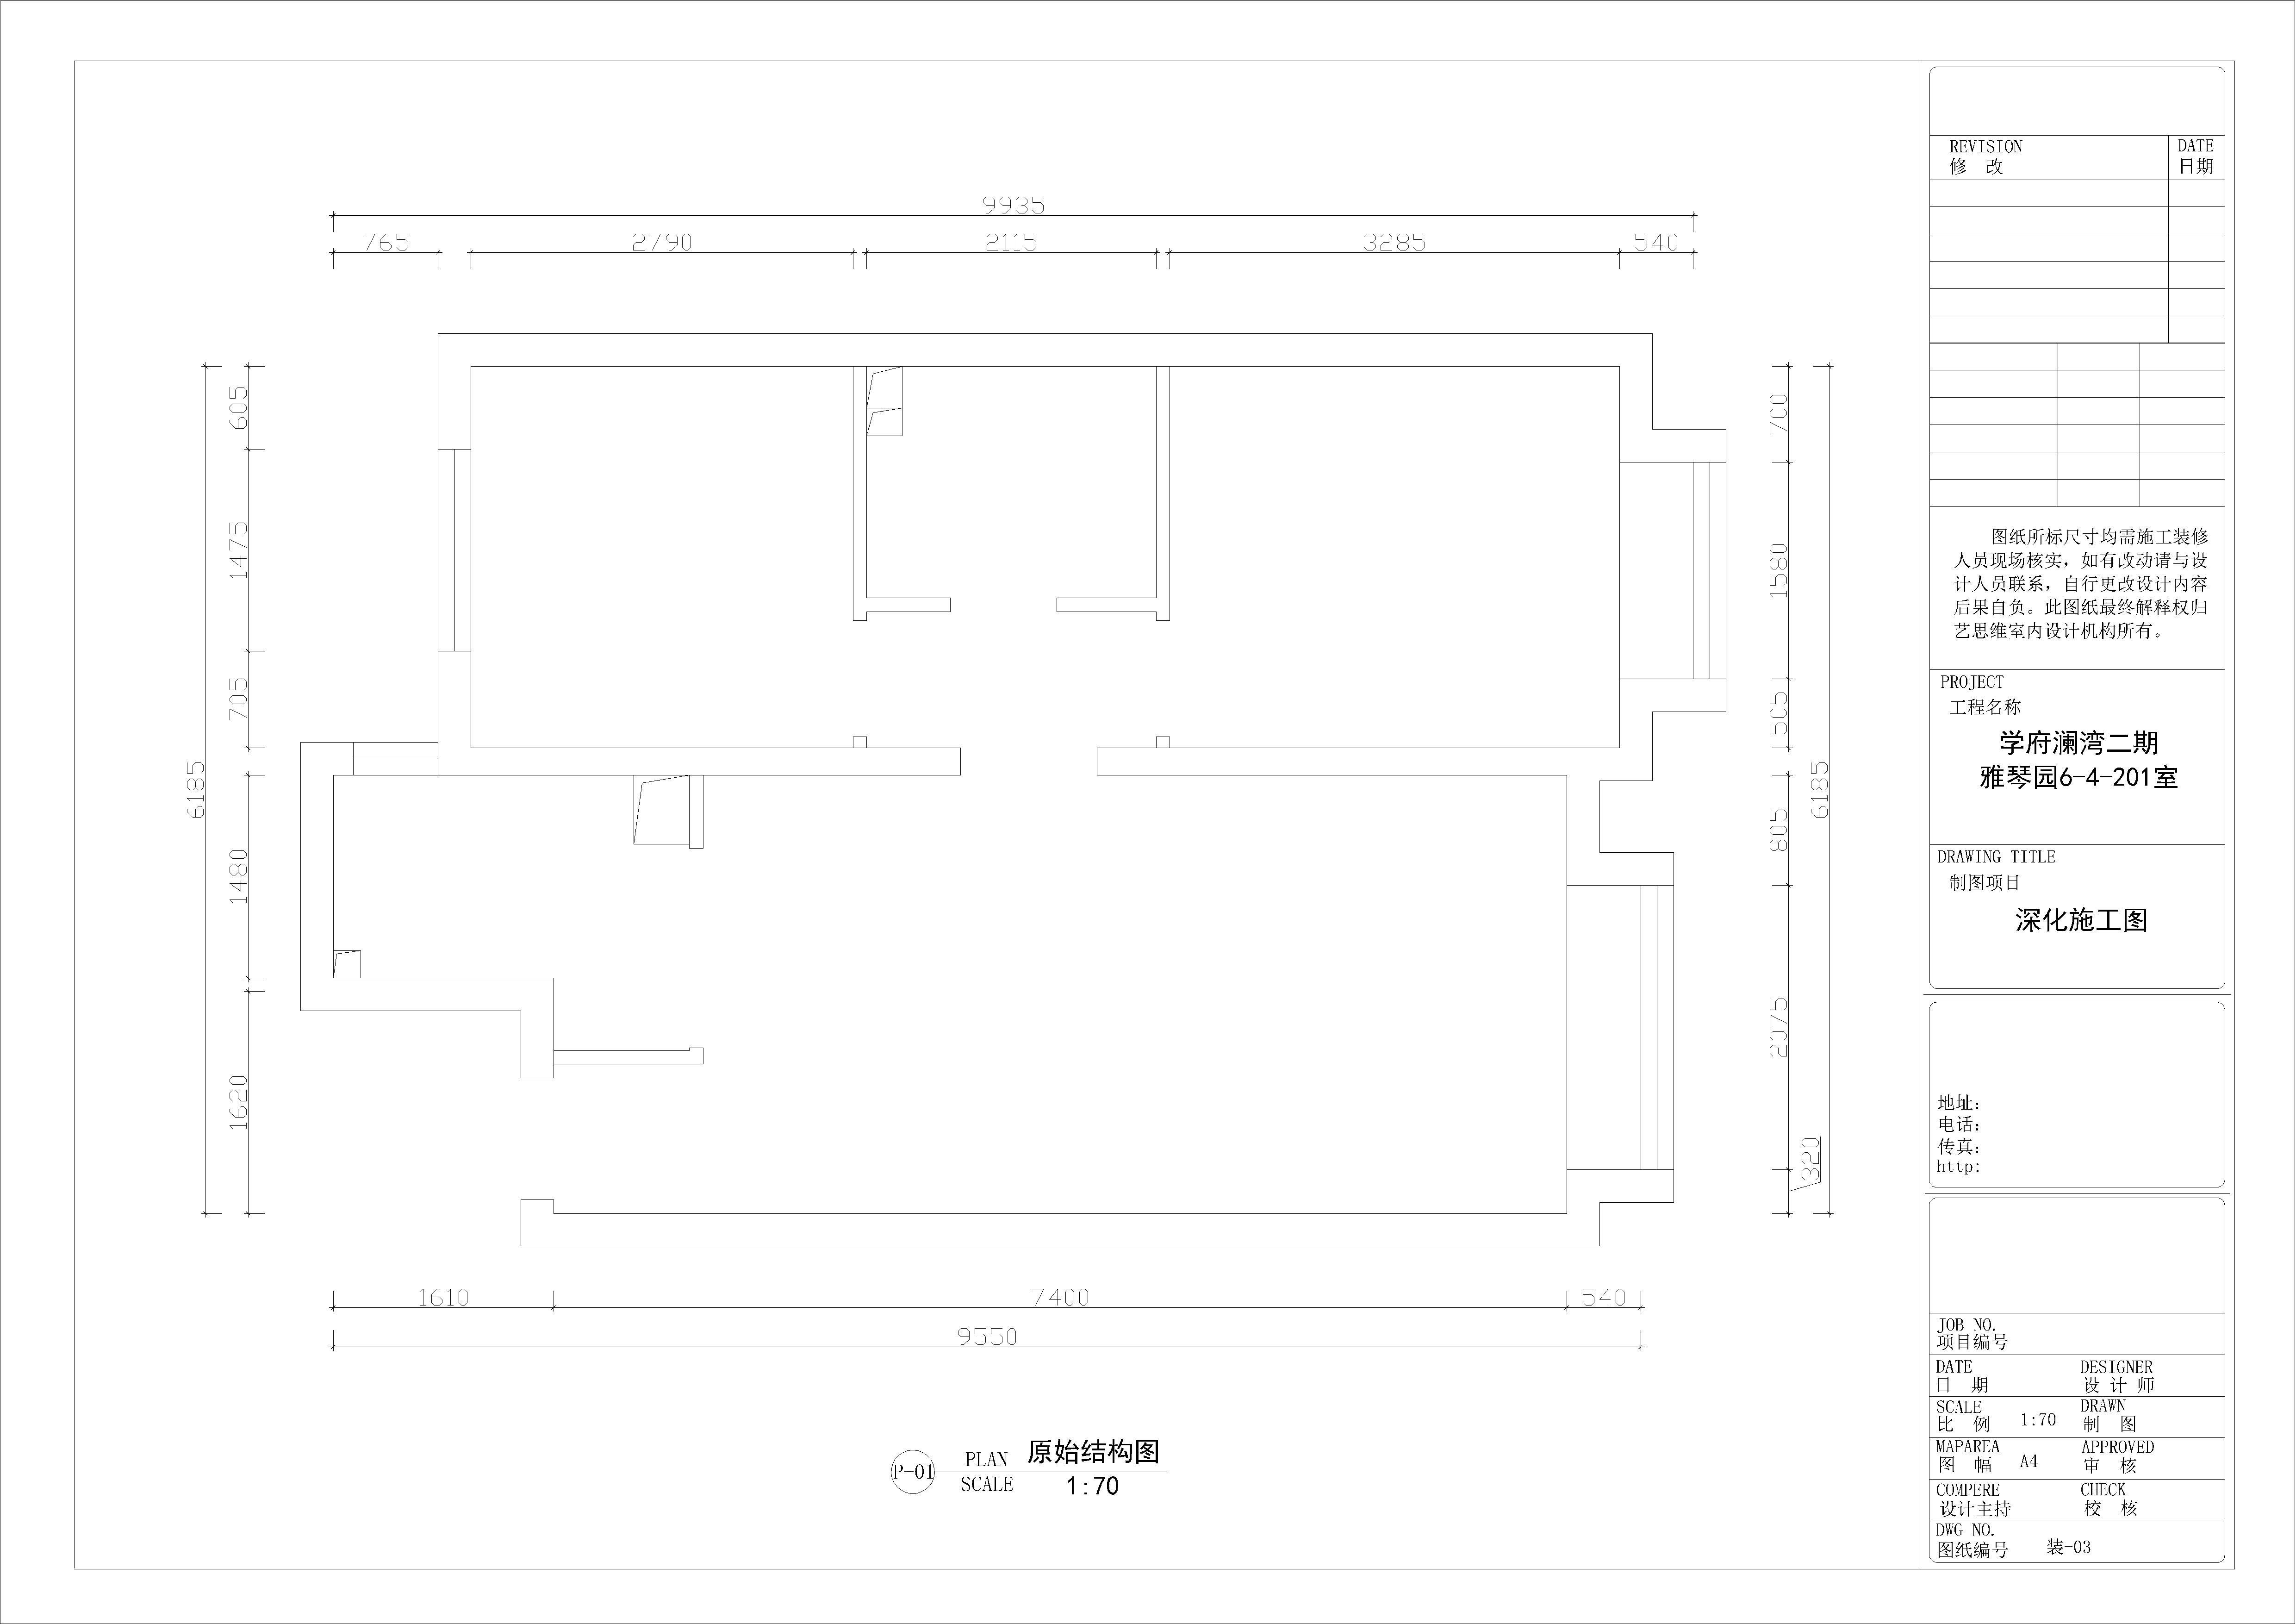 平面布置图原始结构图